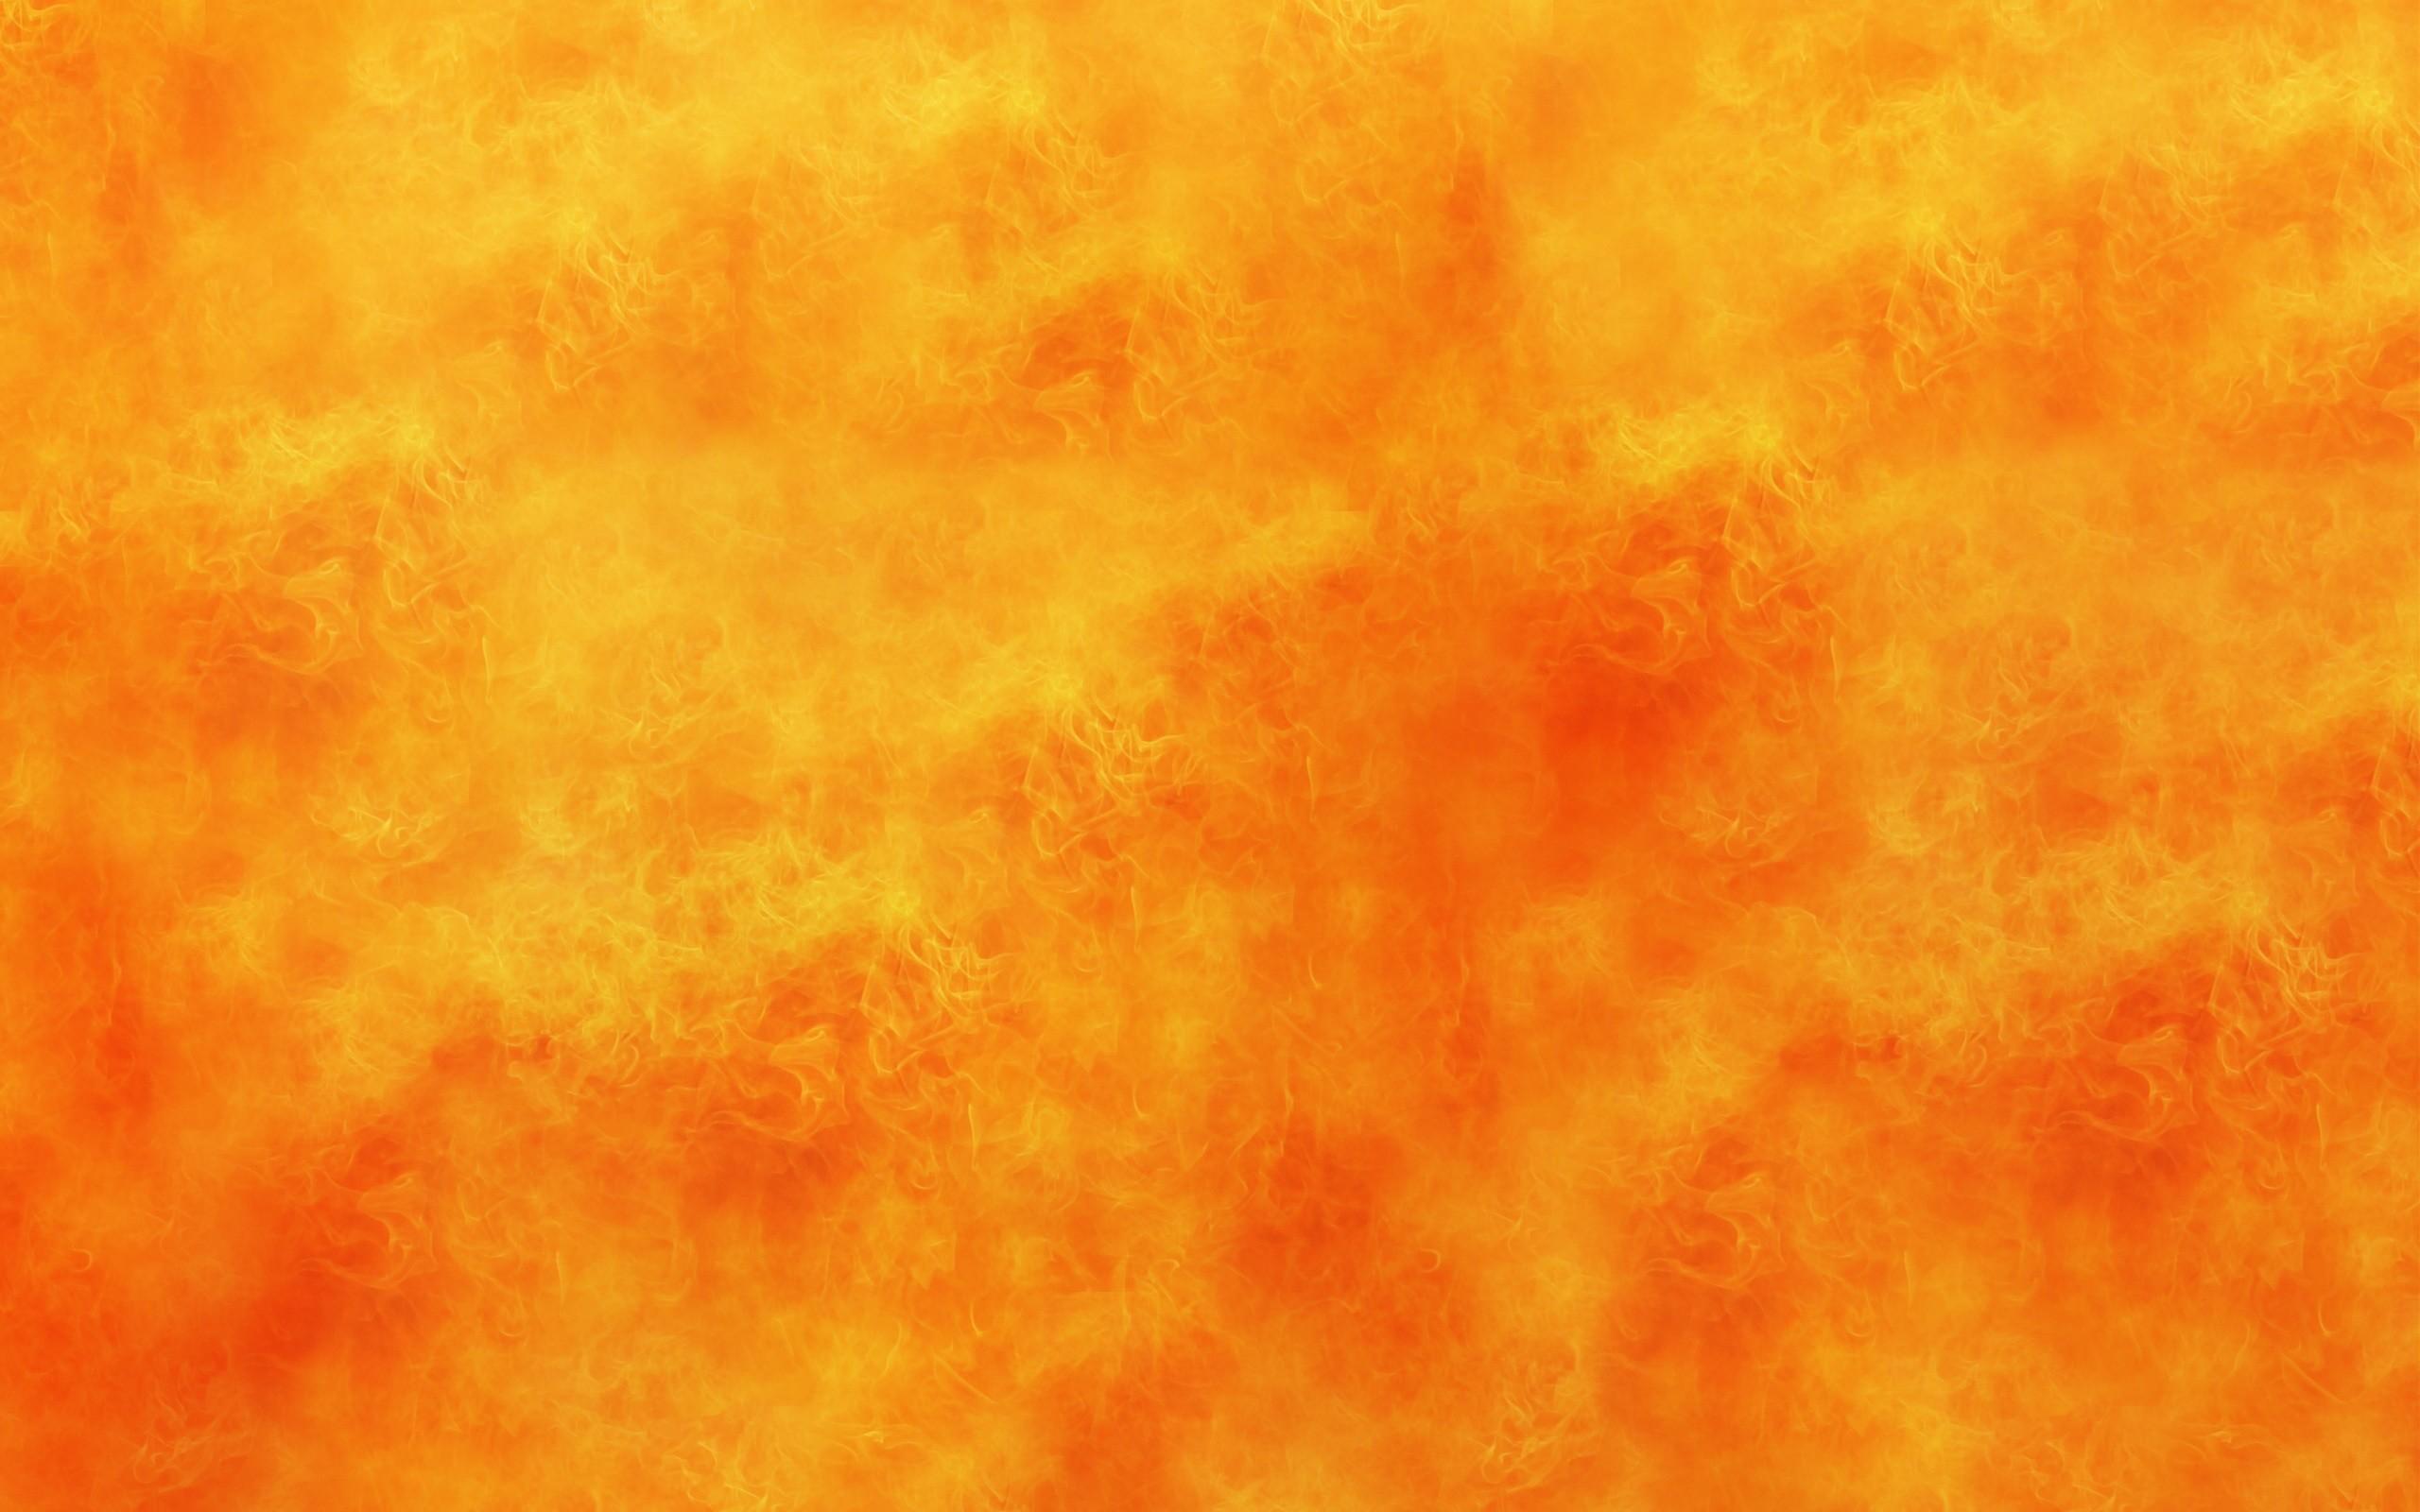 desktop hd orange iphone wallpapers desktop hd orange juice wallpaper